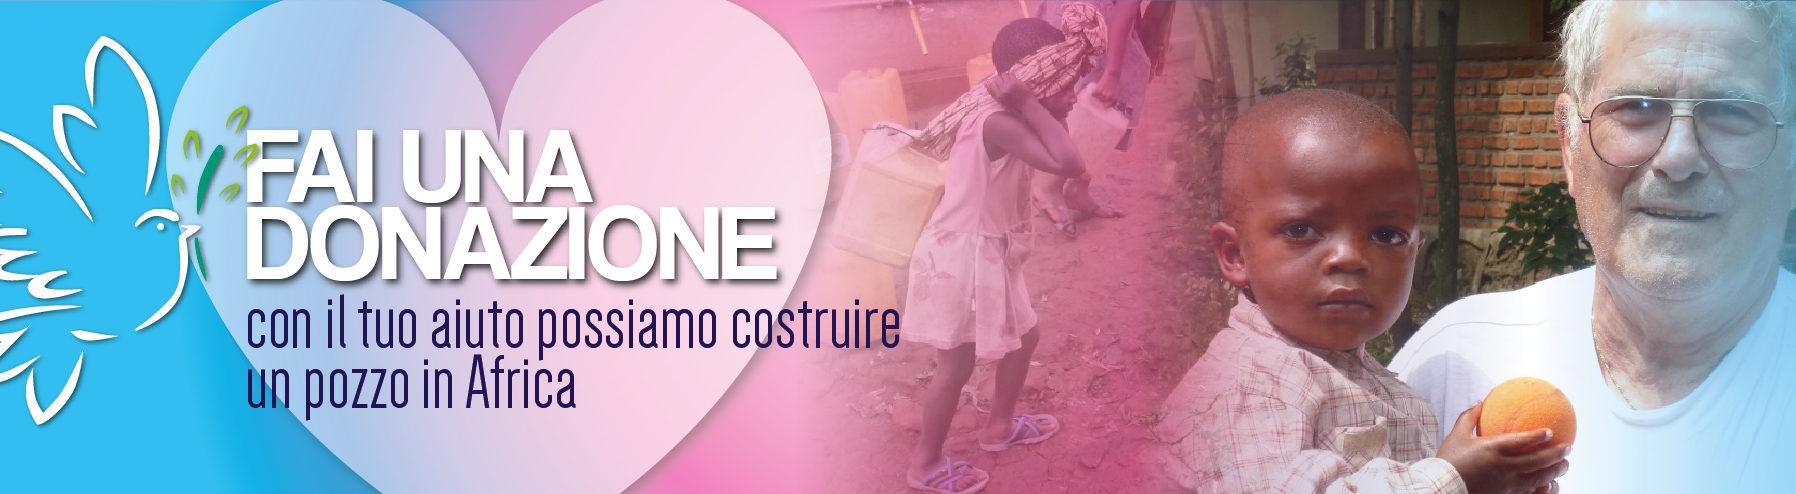 donazione;Africa;acqua;fame;sete;aiutare;pozzo;Congo;Raumer